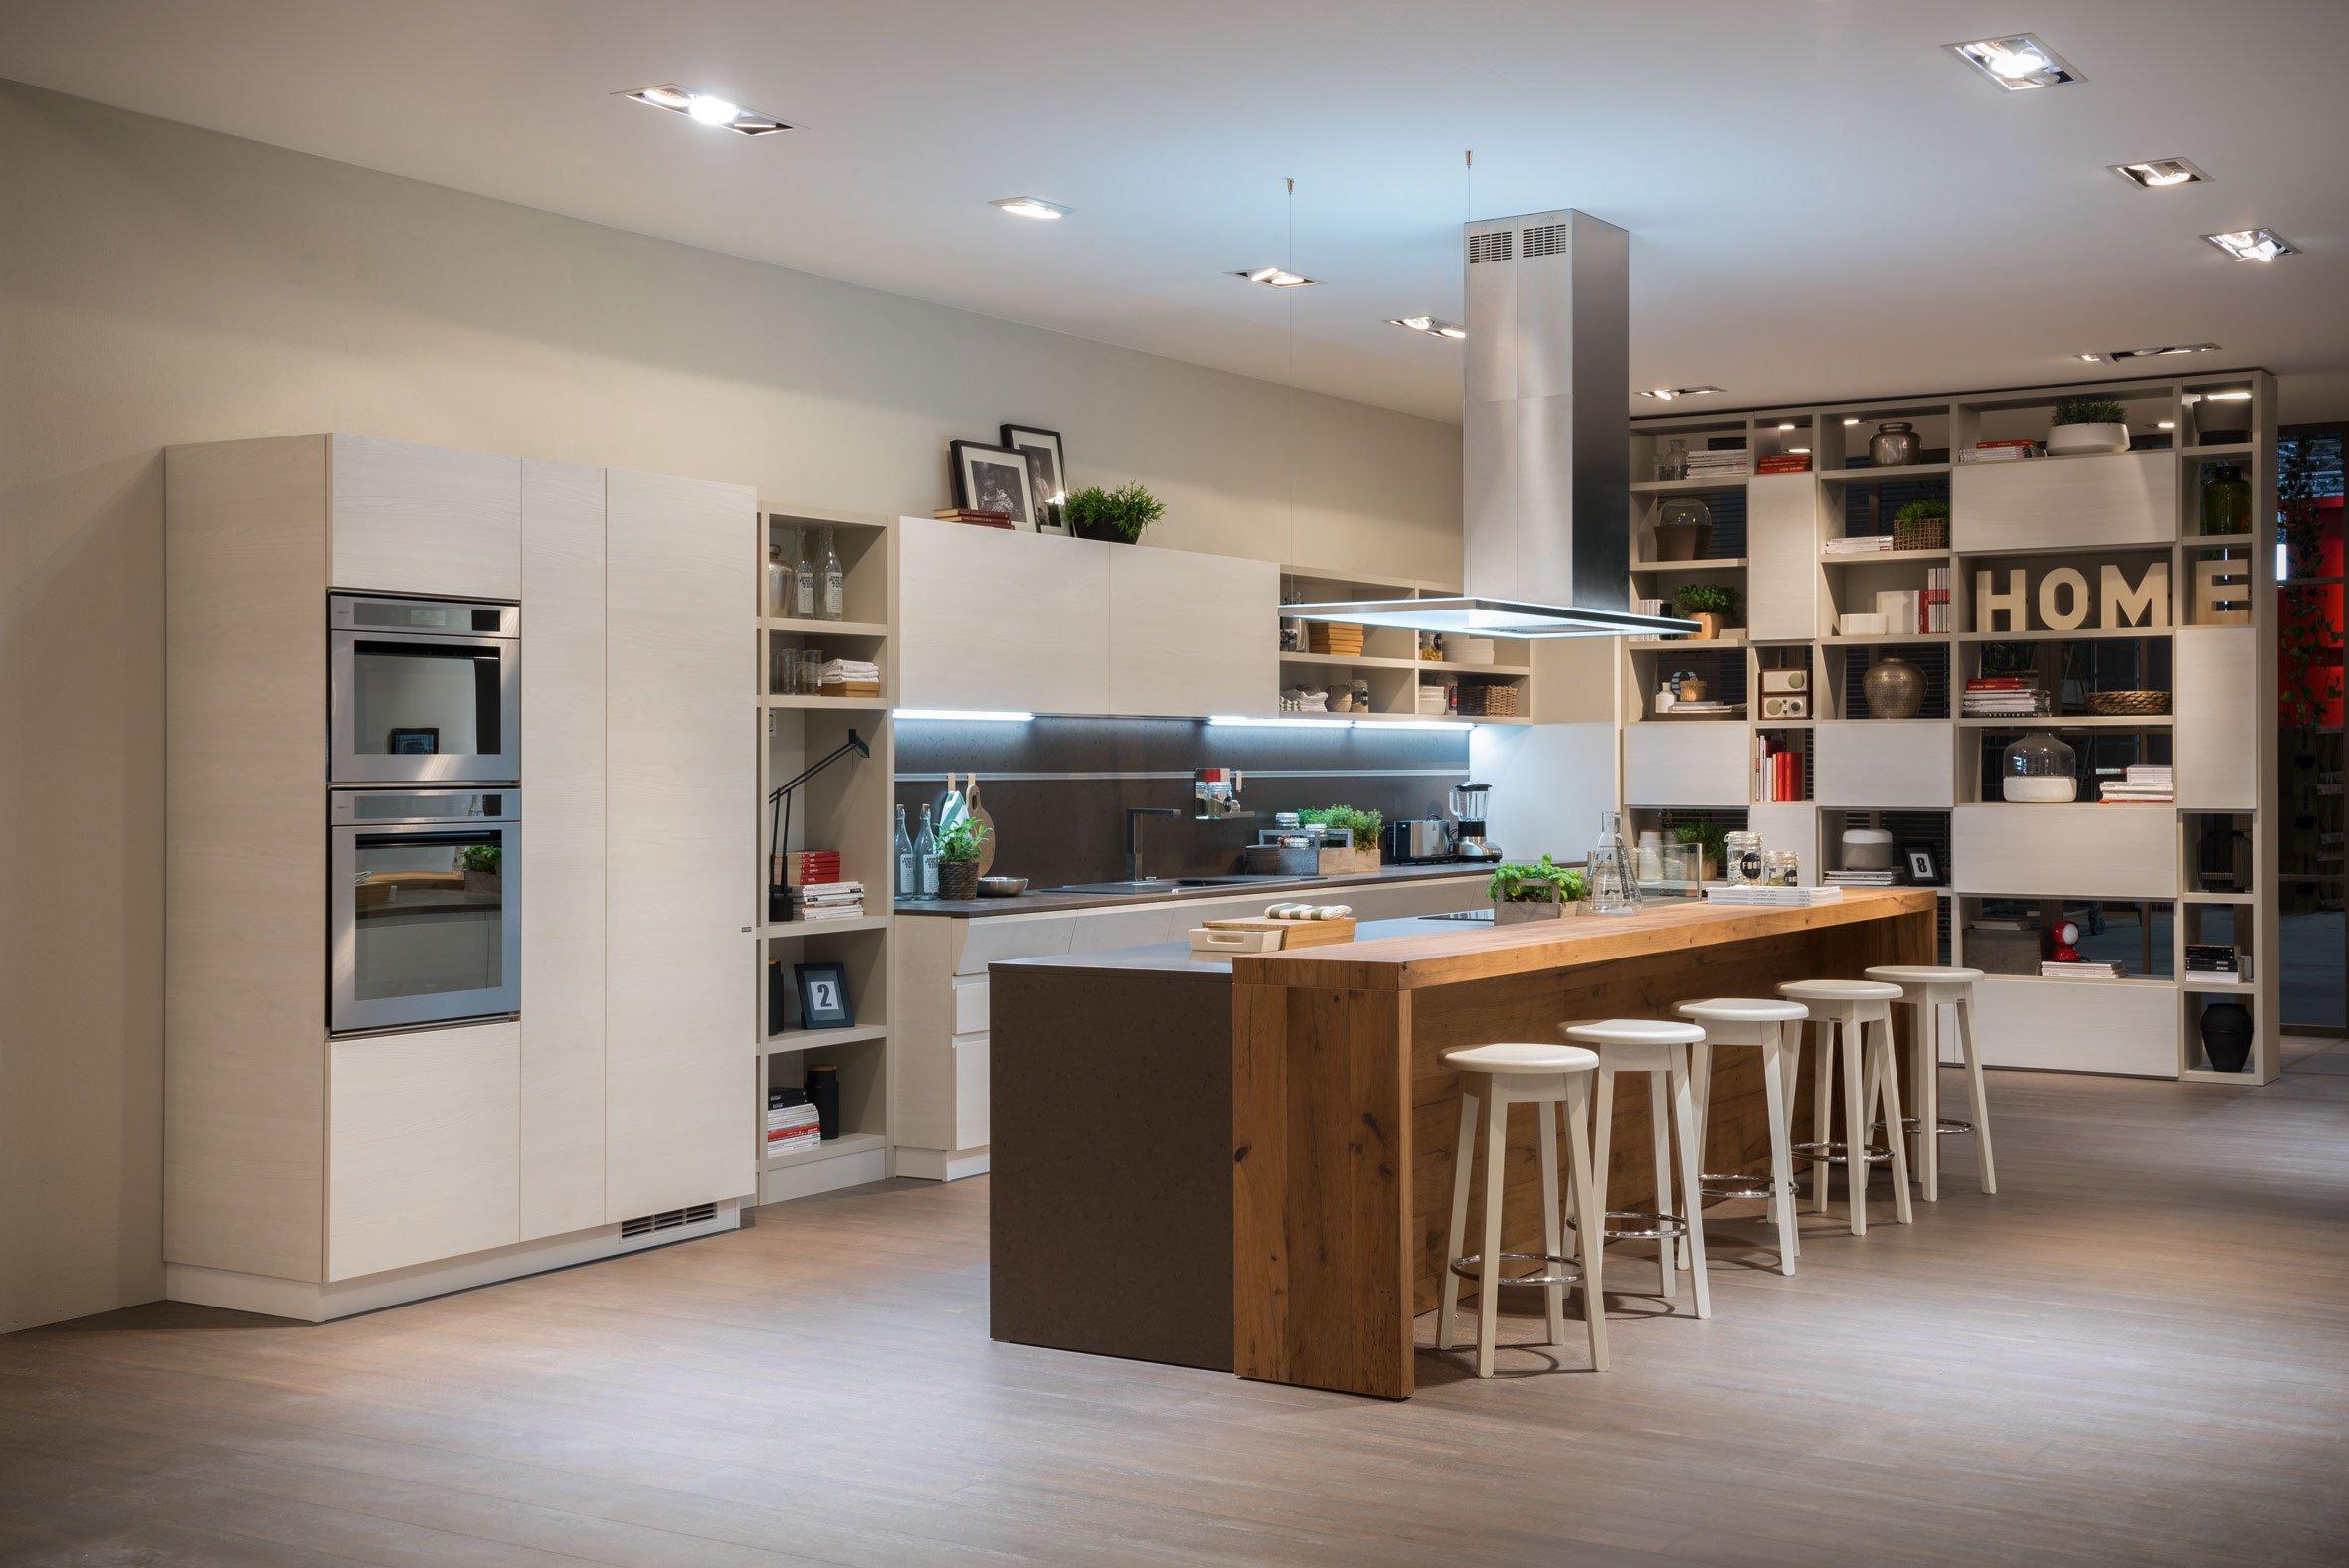 Immagini Di Cucina E Soggiorno Insieme : articolo Cucina e soggiorno ...